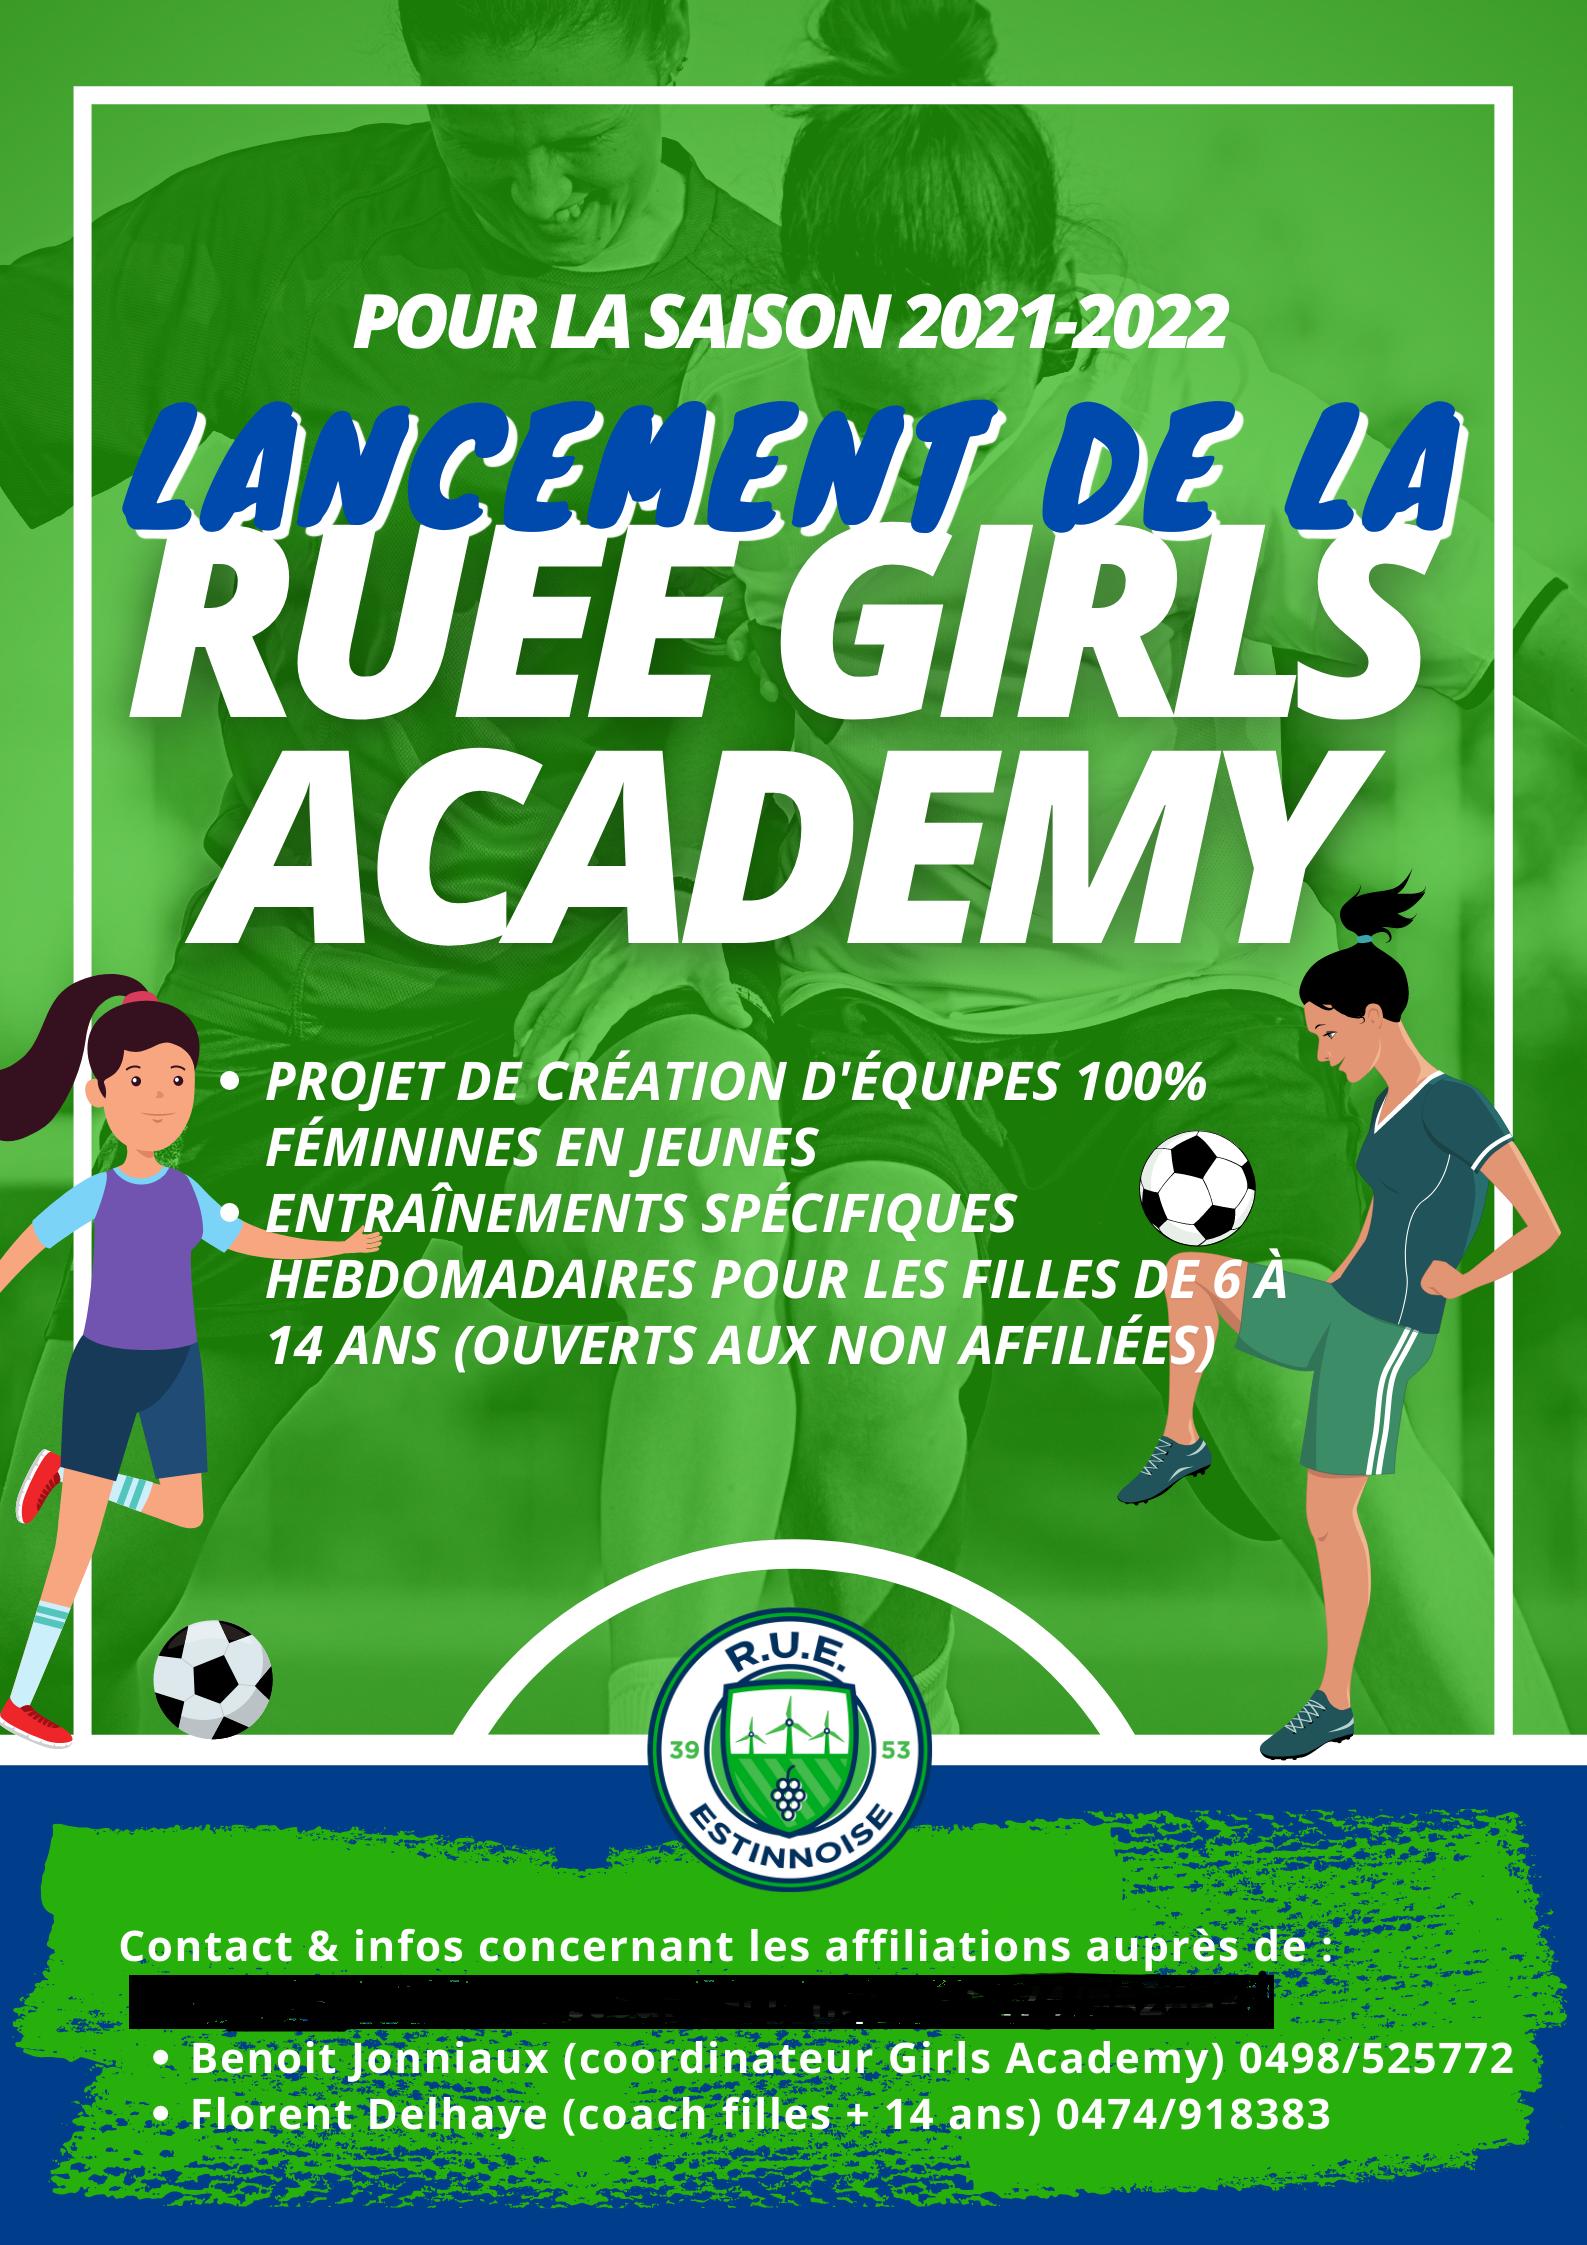 Lancement de la R.U.E.E. Girls Academy